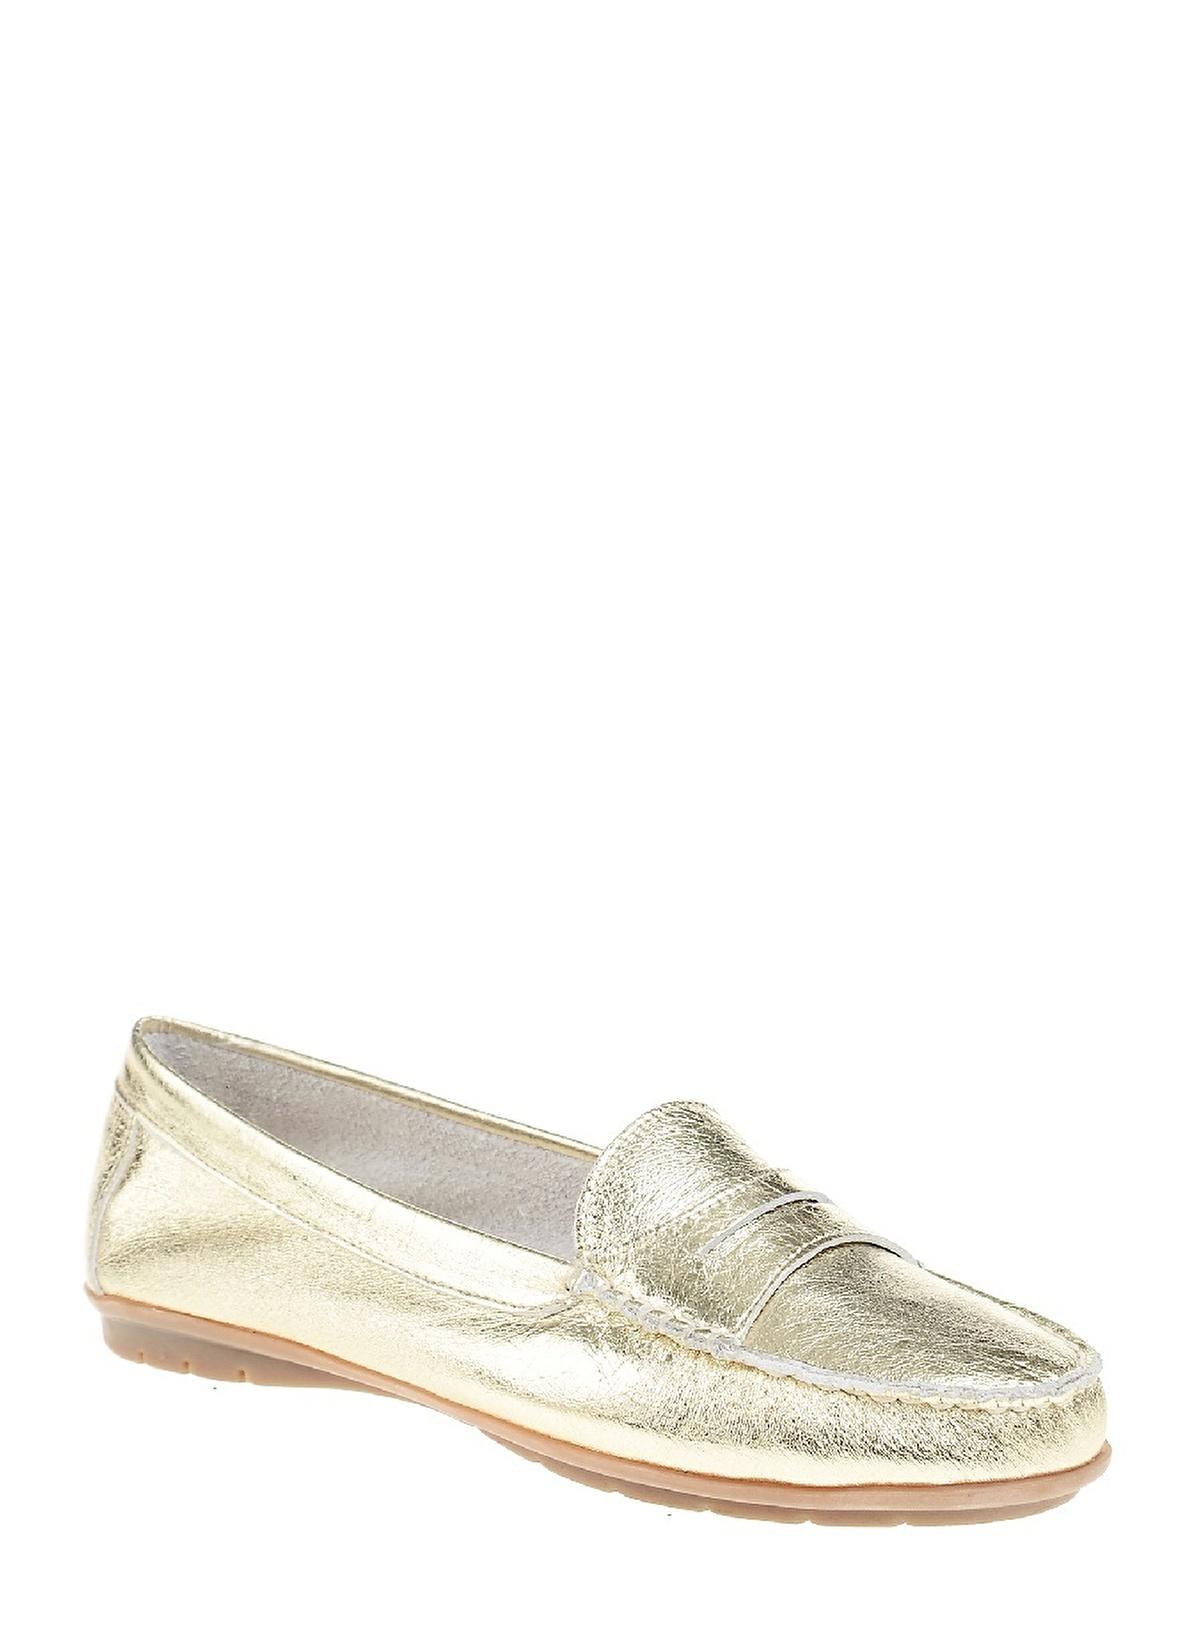 Divarese Loafer Ayakkabı 5019814-k-loafer – 119.0 TL